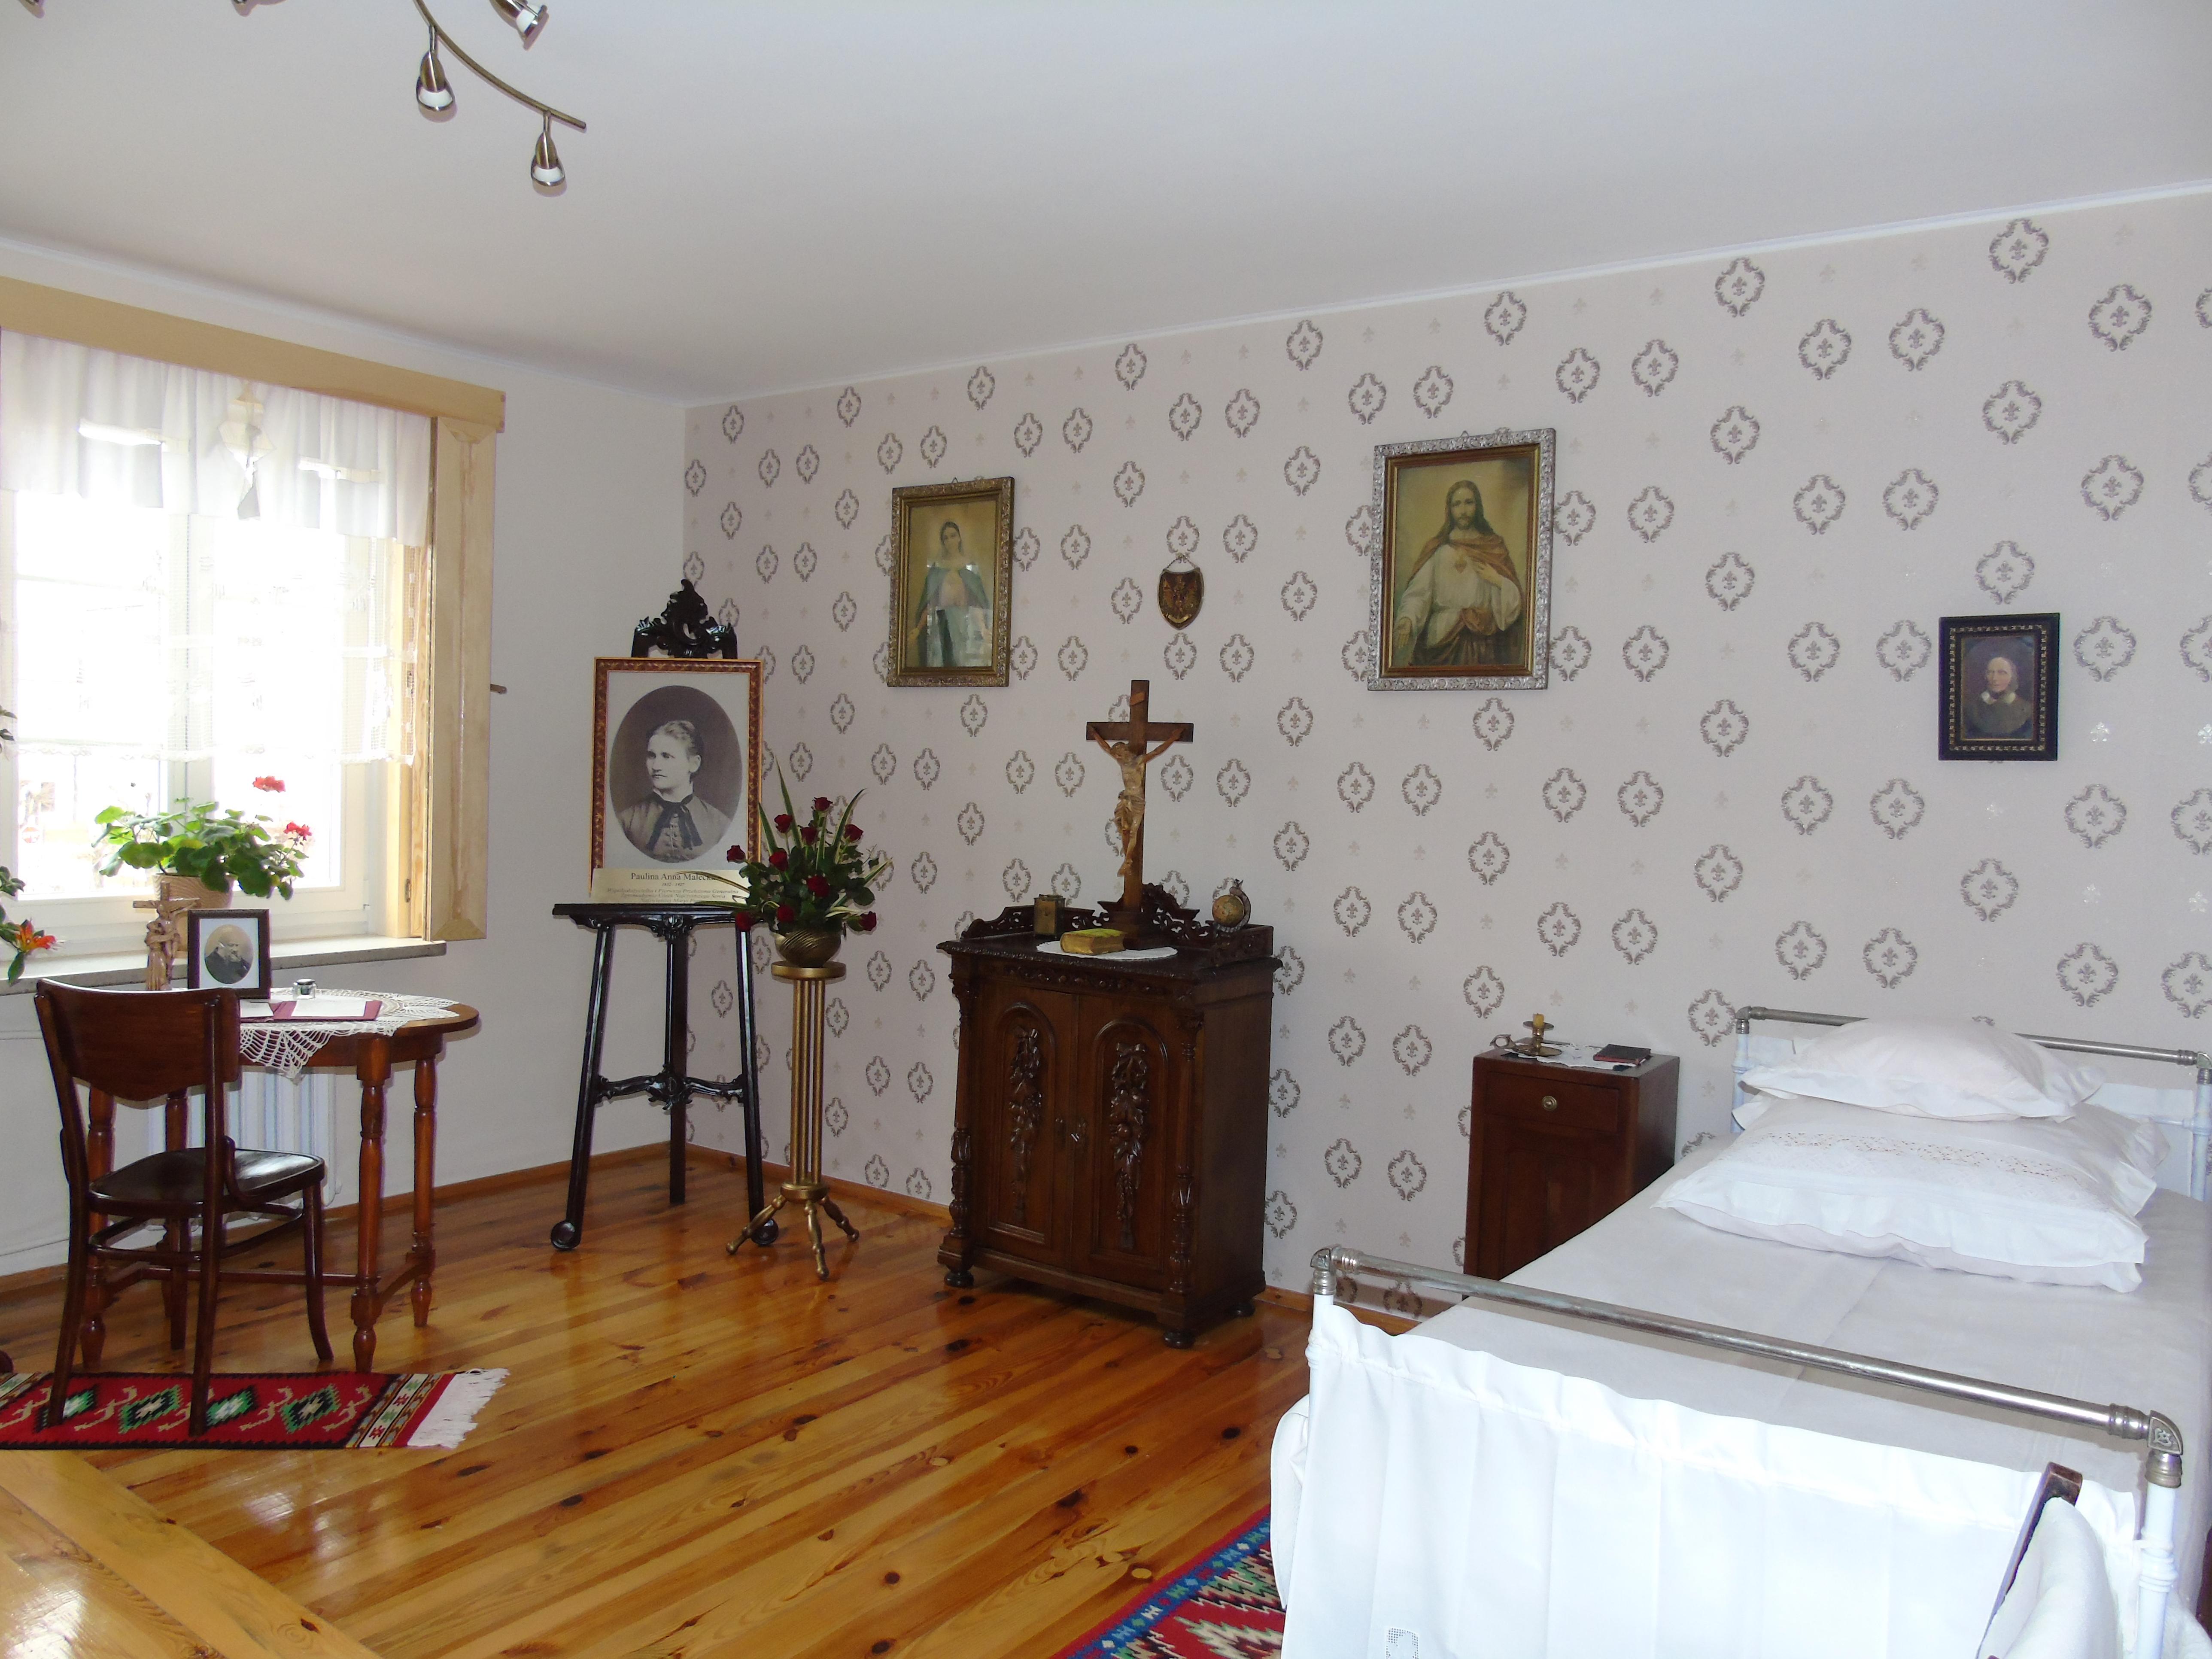 Nowe Miasto - Izba Pamięci M. Pauli Maleckiej